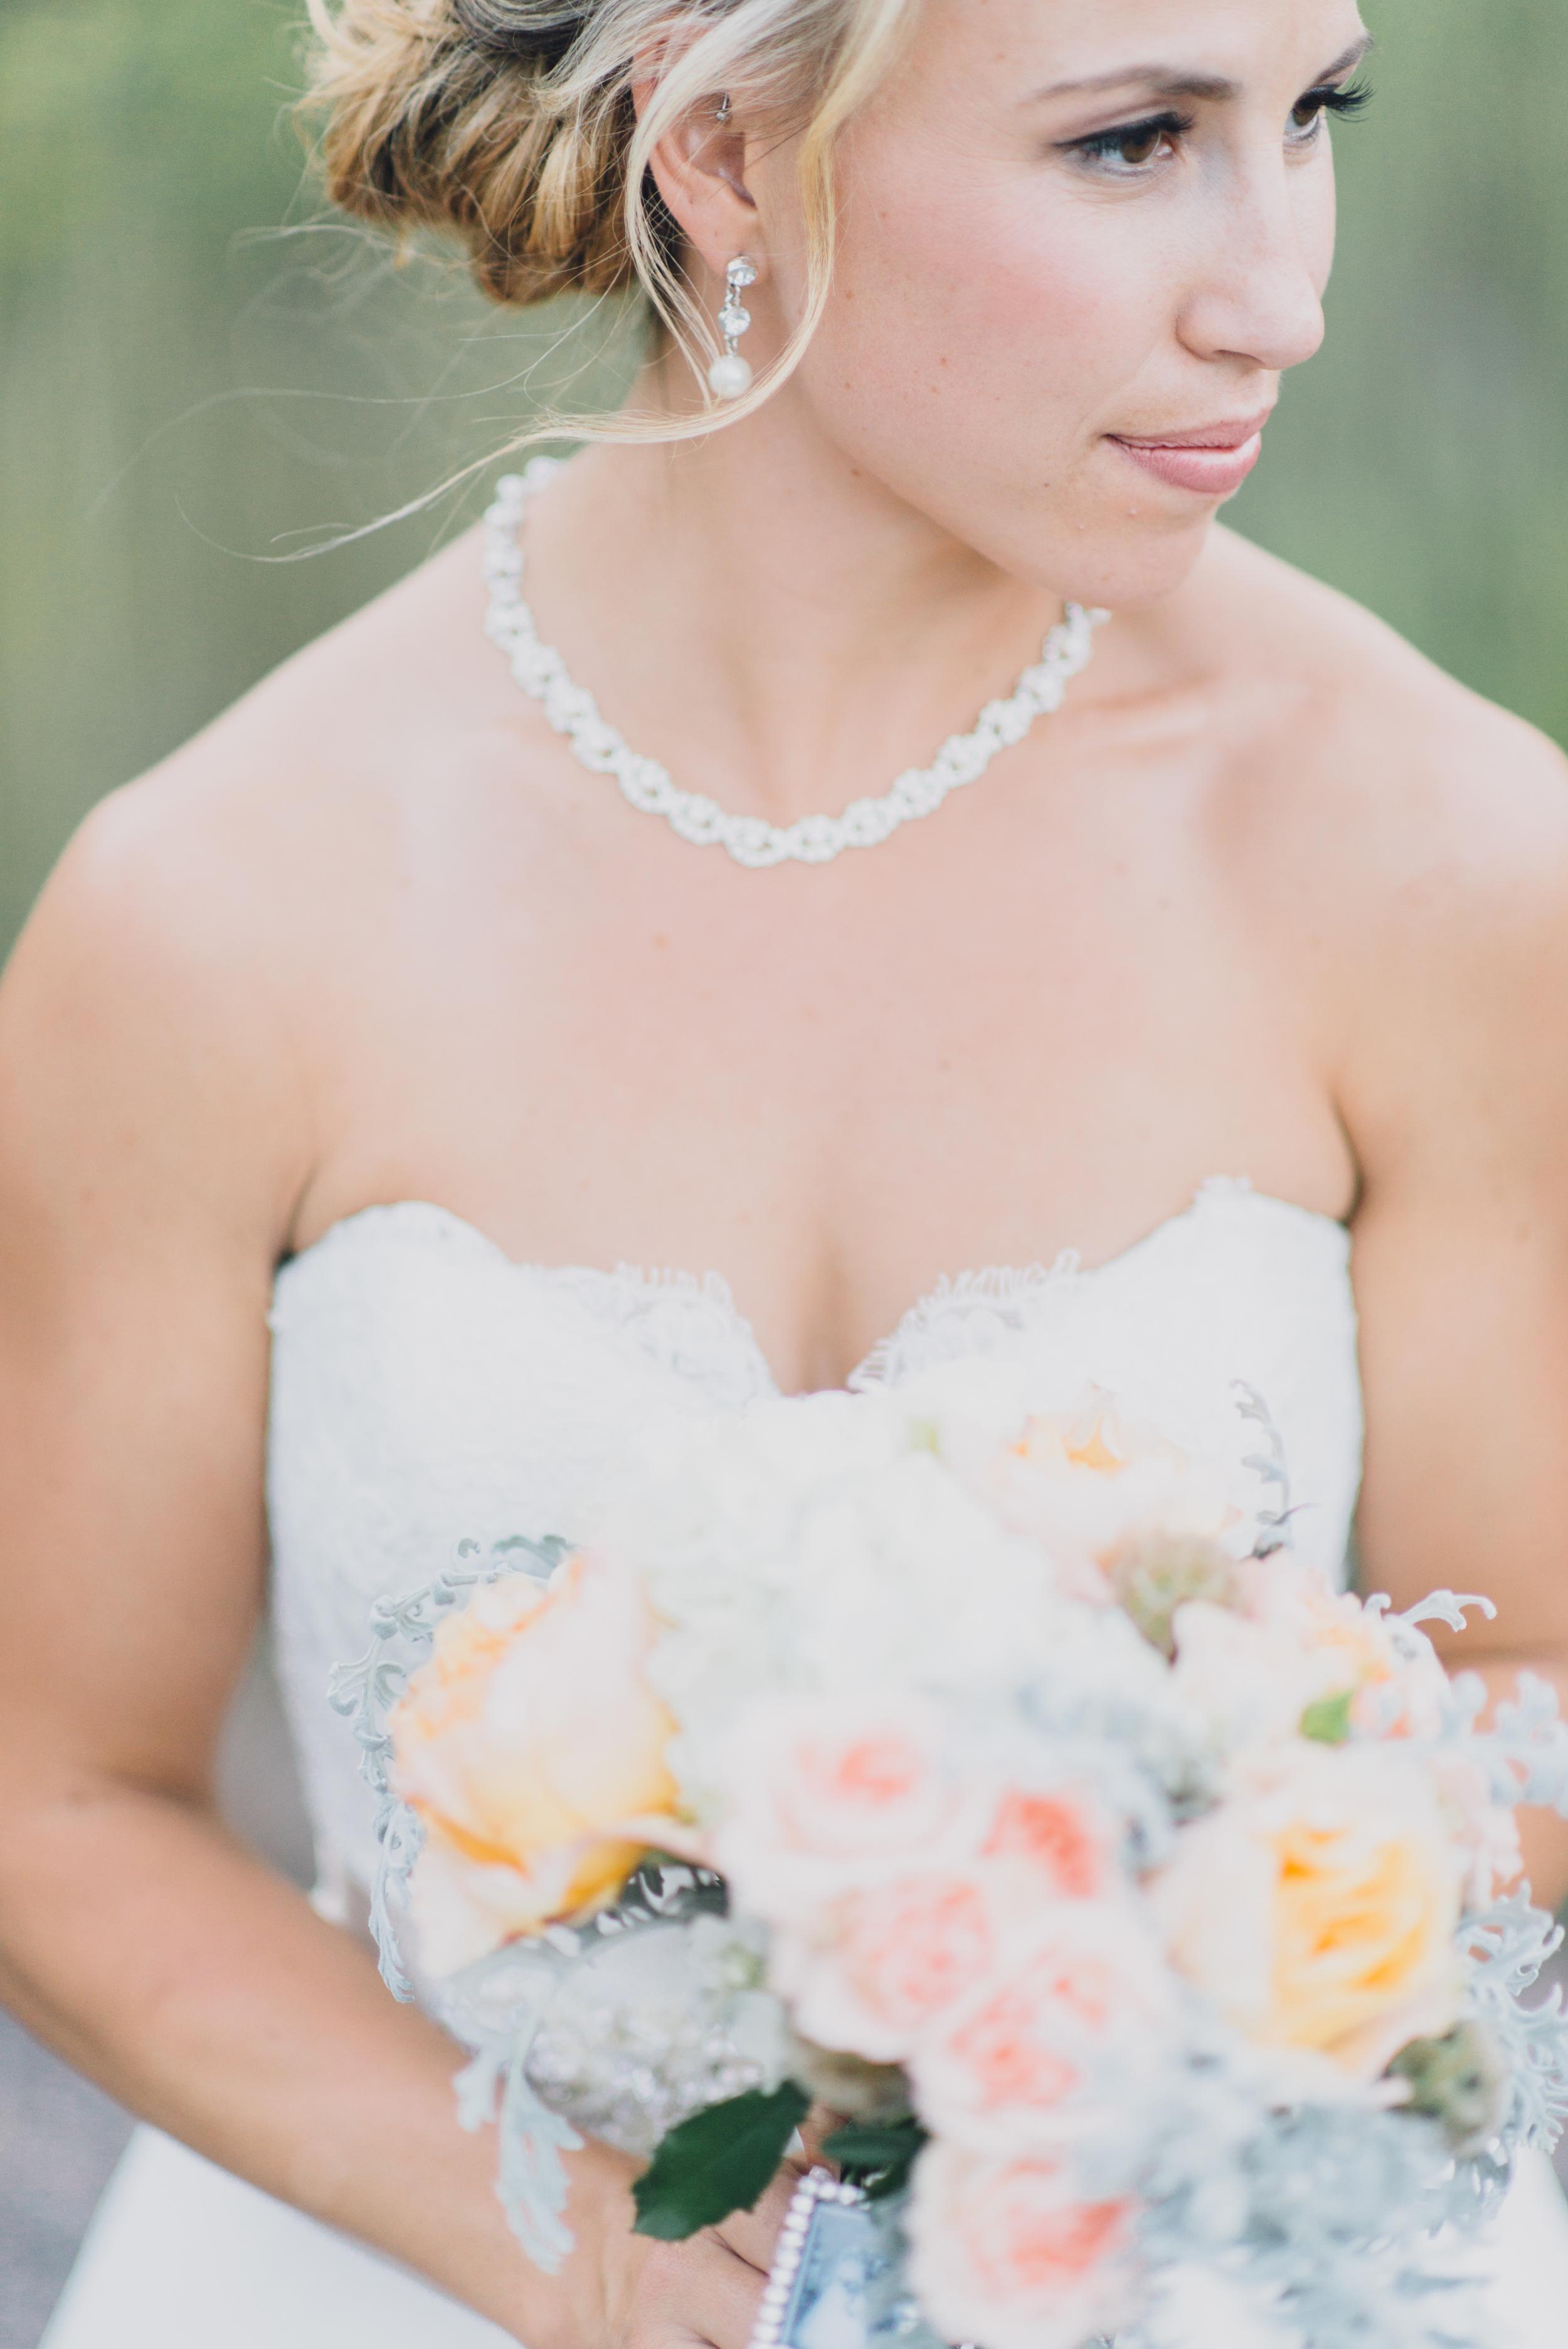 Seedhouse_Photography_Marsh_Wedding74803.jpg